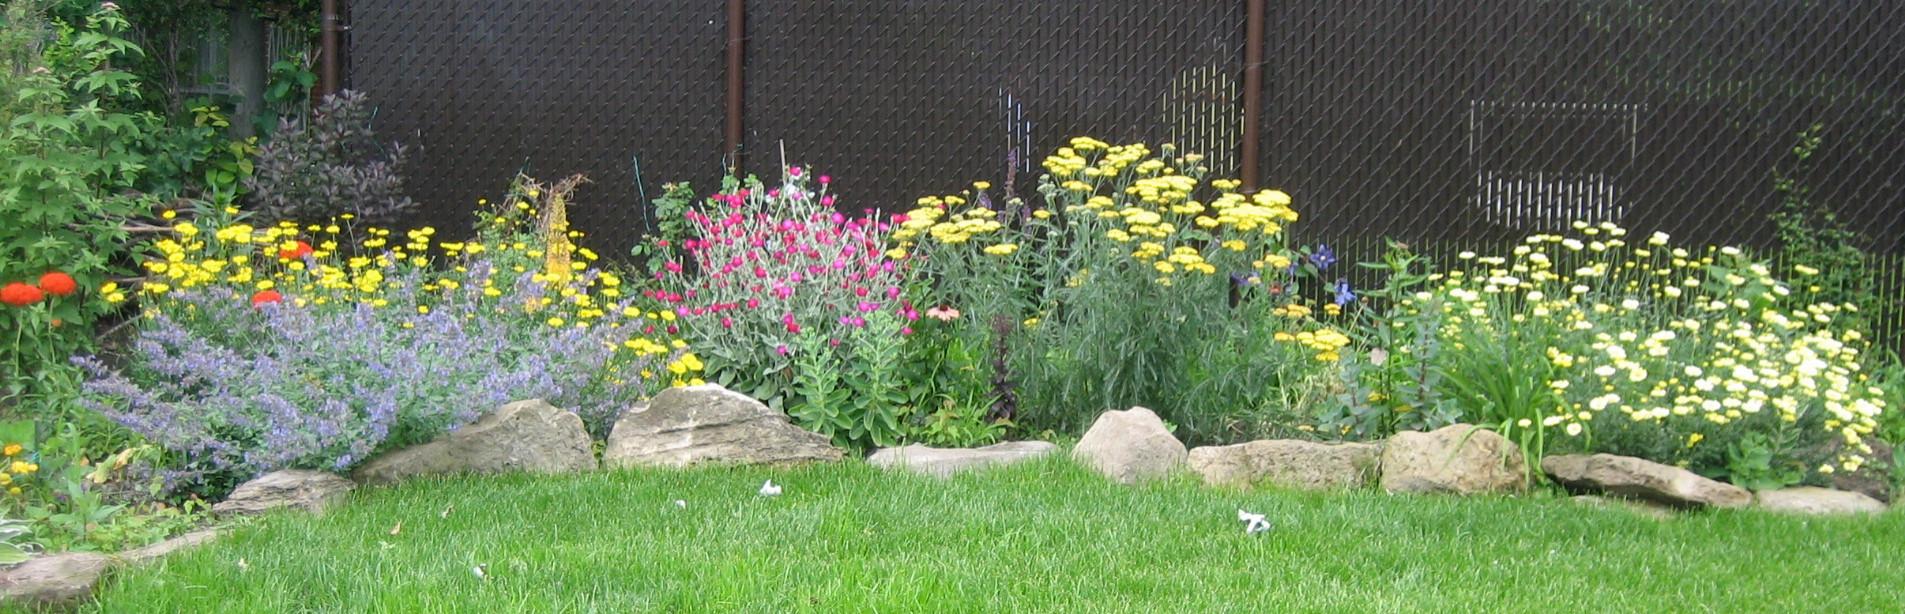 Brown Fence Garden